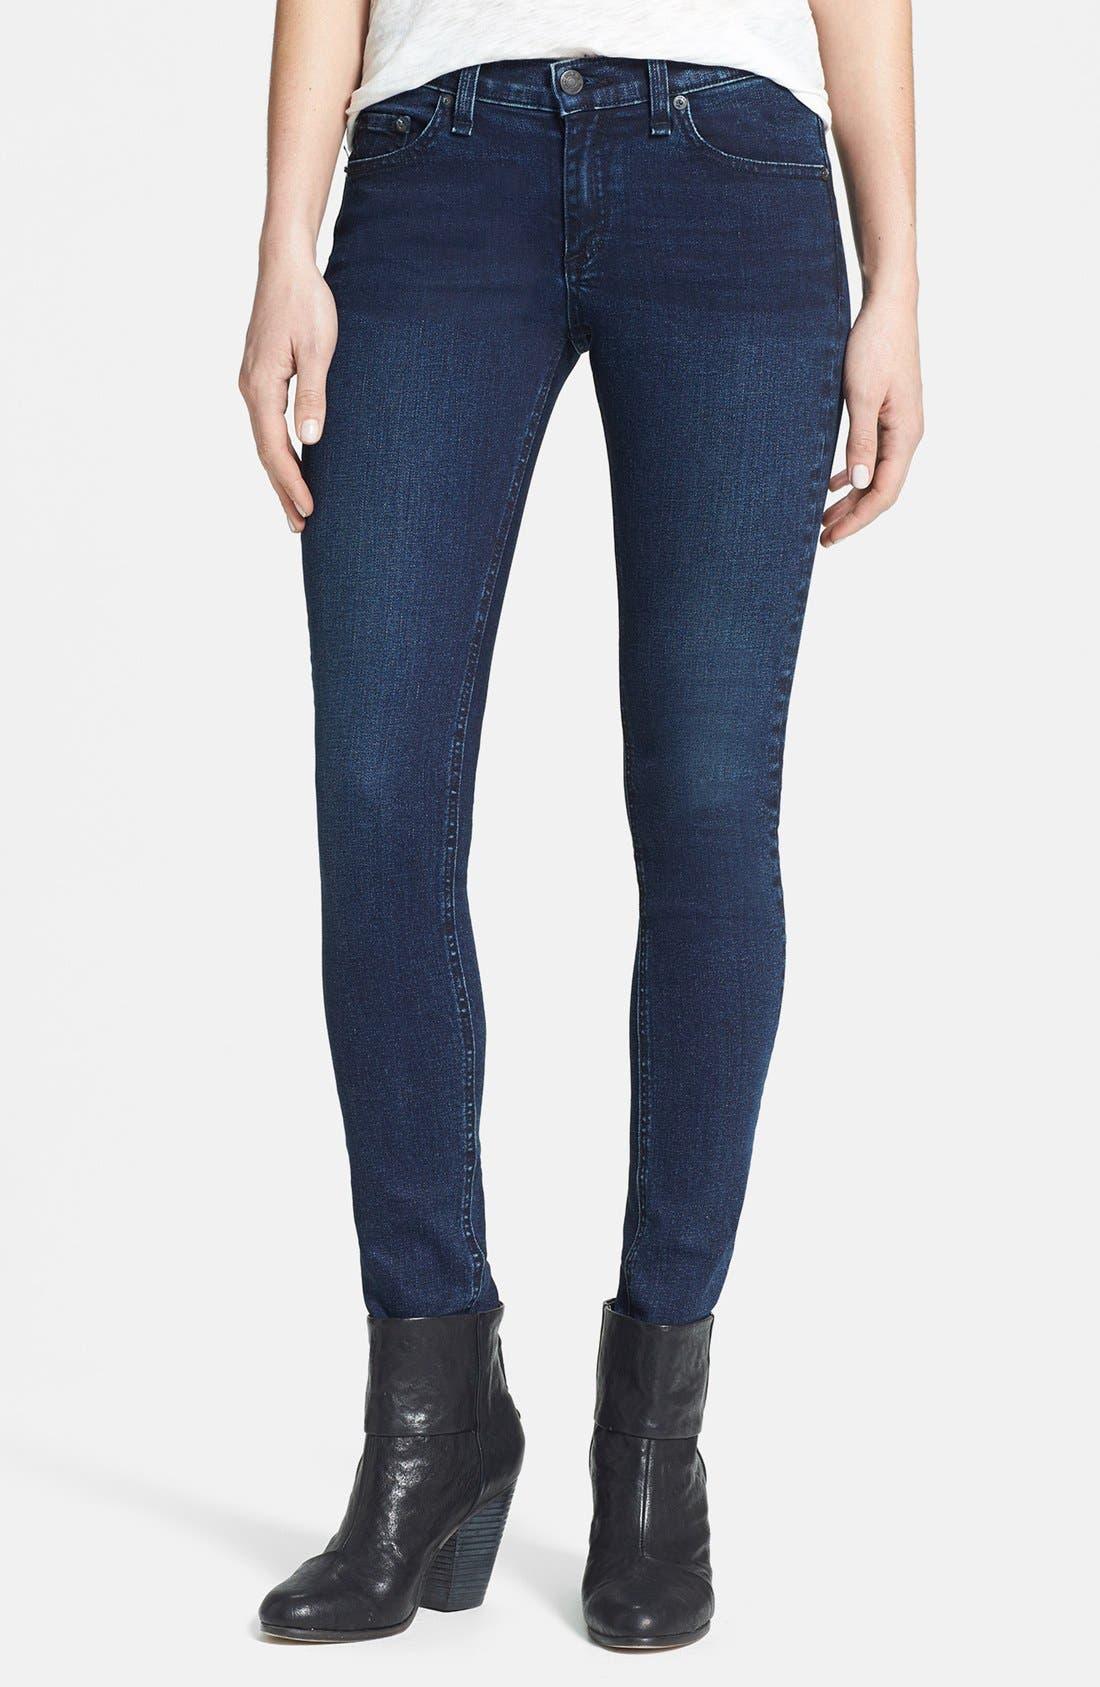 Alternate Image 1 Selected - rag & bone/JEAN Skinny Stretch Jeans (Coronado)